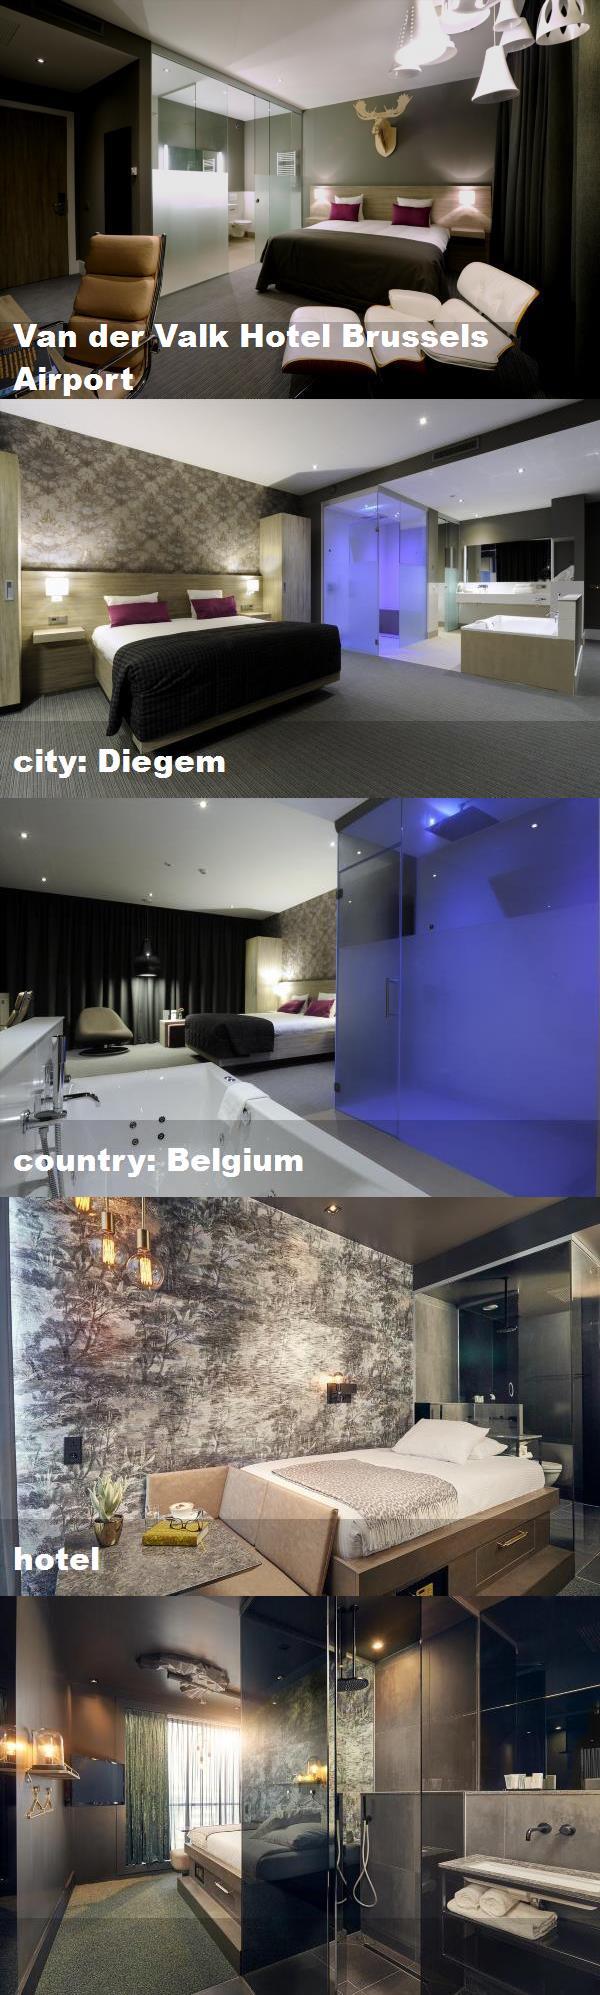 Van der Valk Hotel Brussels Airport, city Diegem, country